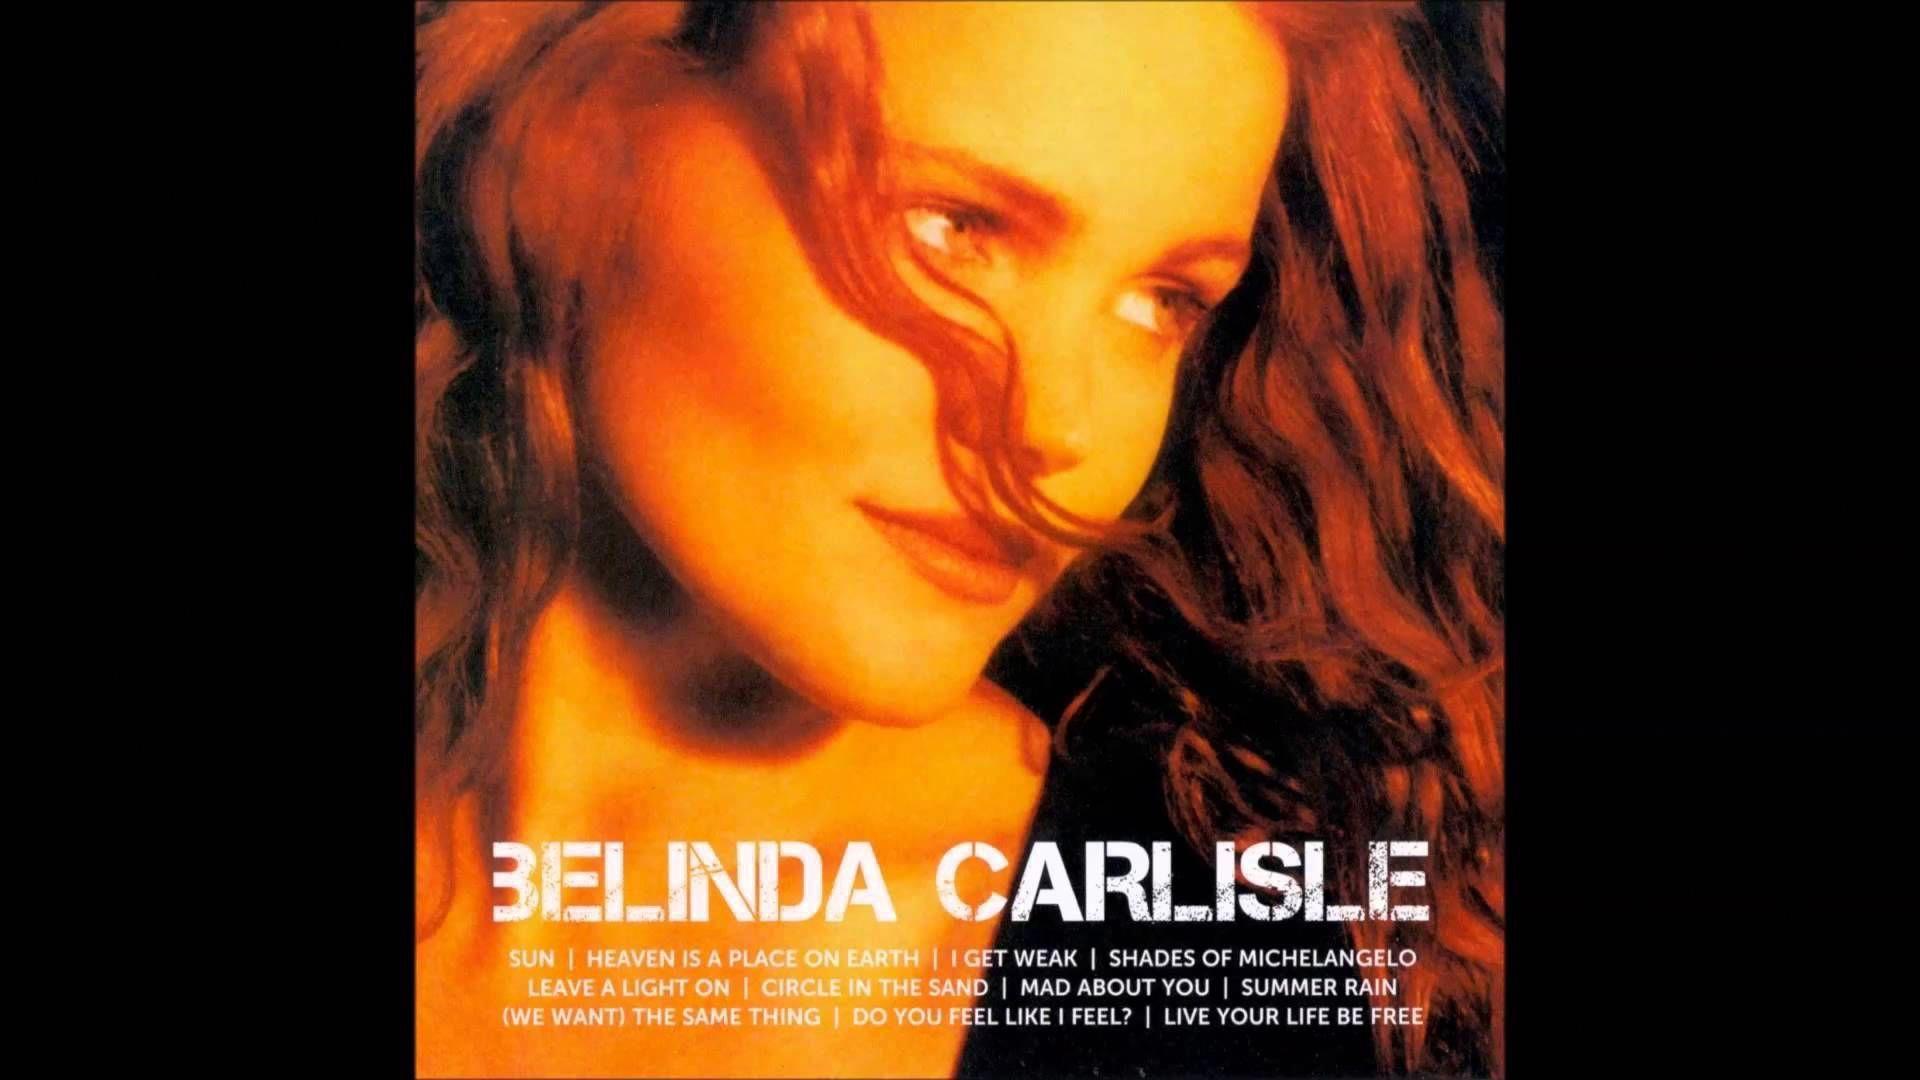 Belinda Carlisle Do You Feel Like I Feel Hq Belindacarlisle Belinda Carlisle Summer Rain Carlisle